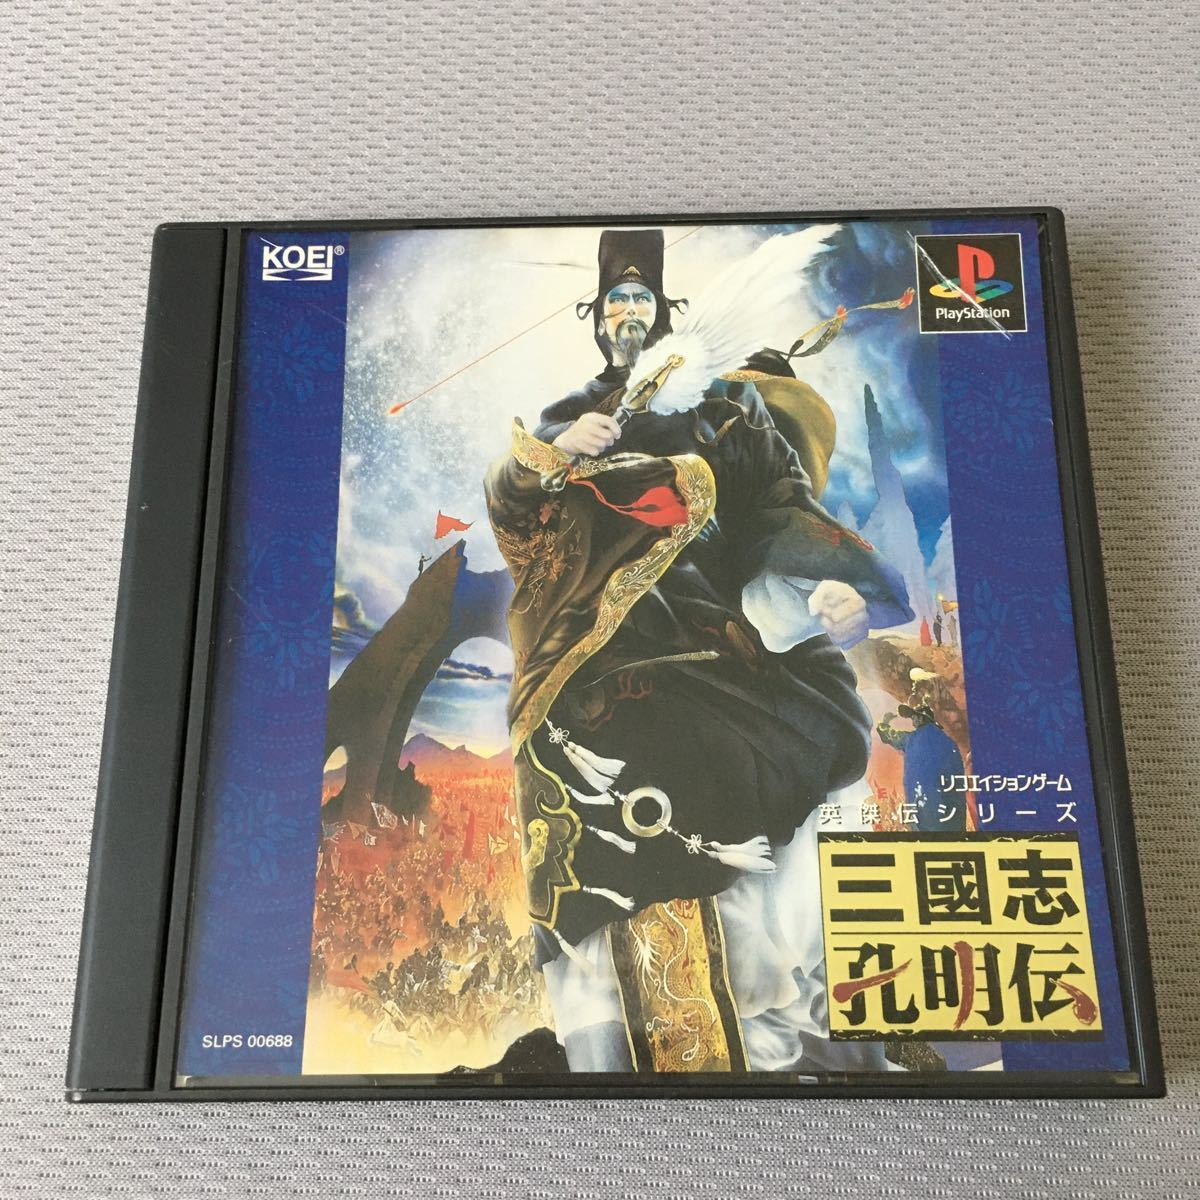 三國志 孔明伝 PS1 プレイステーション コーエー 説明書無し